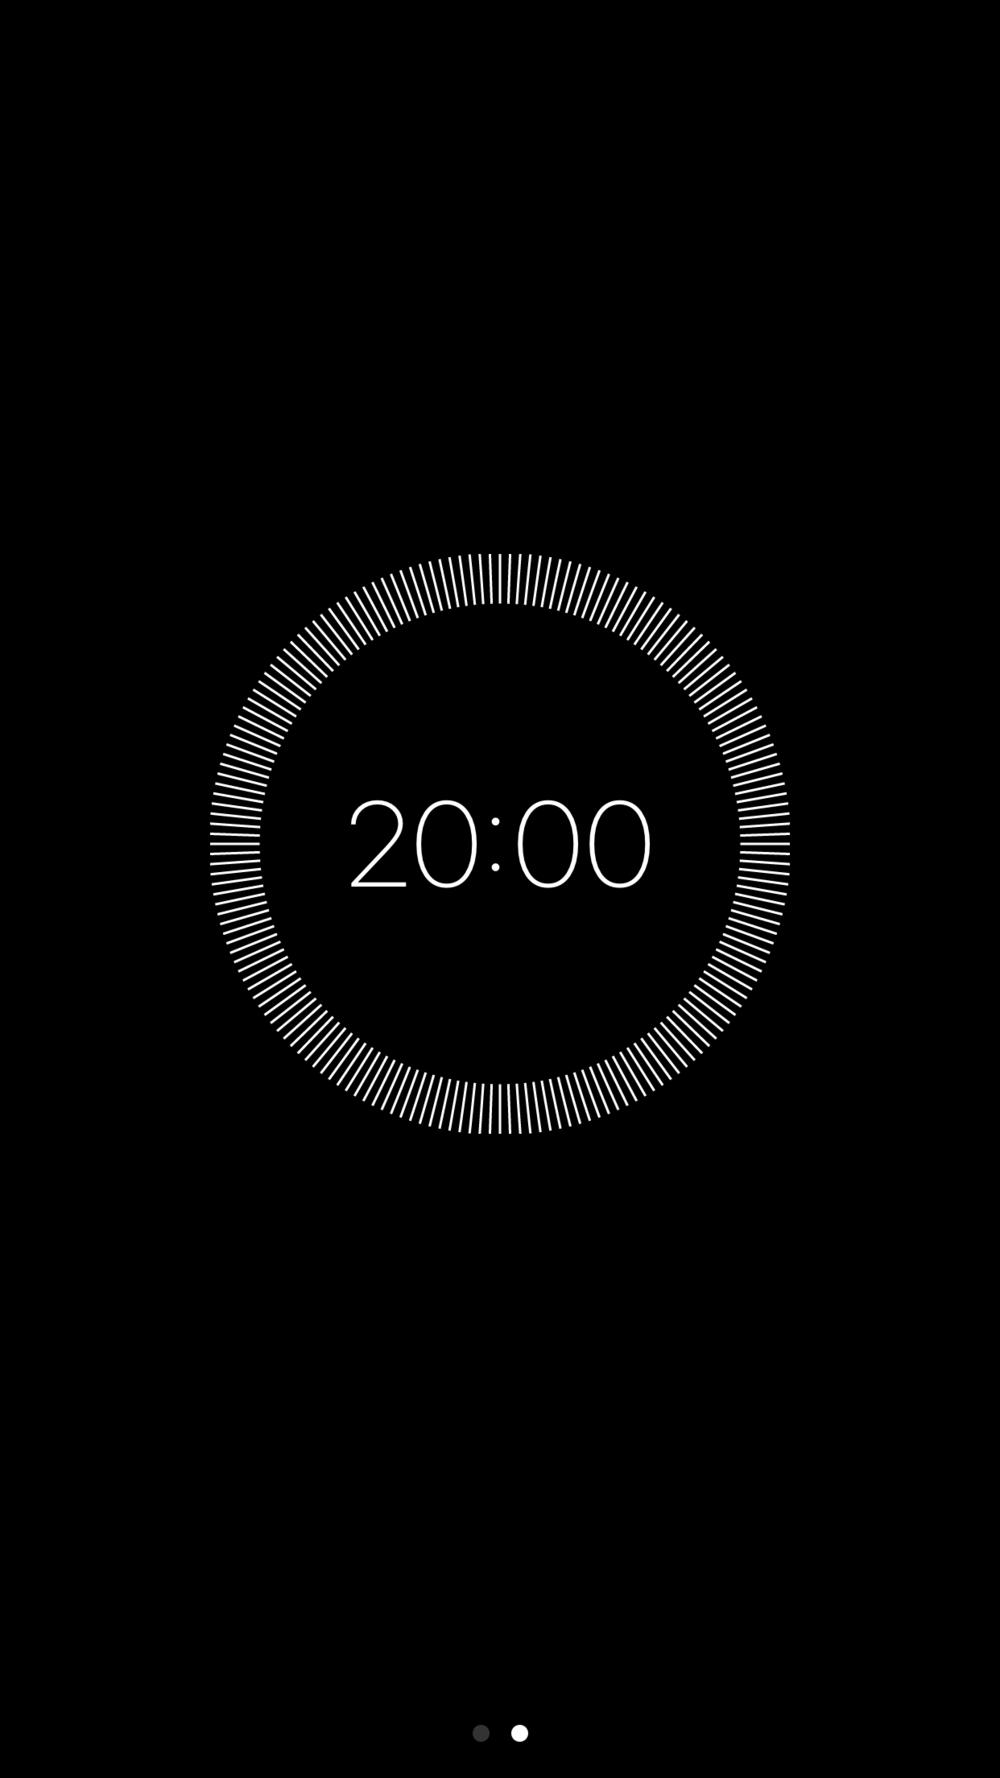 Simulator Screen Shot - iPhone 7 Plus - 2017-12-04 at 09.42.44.png